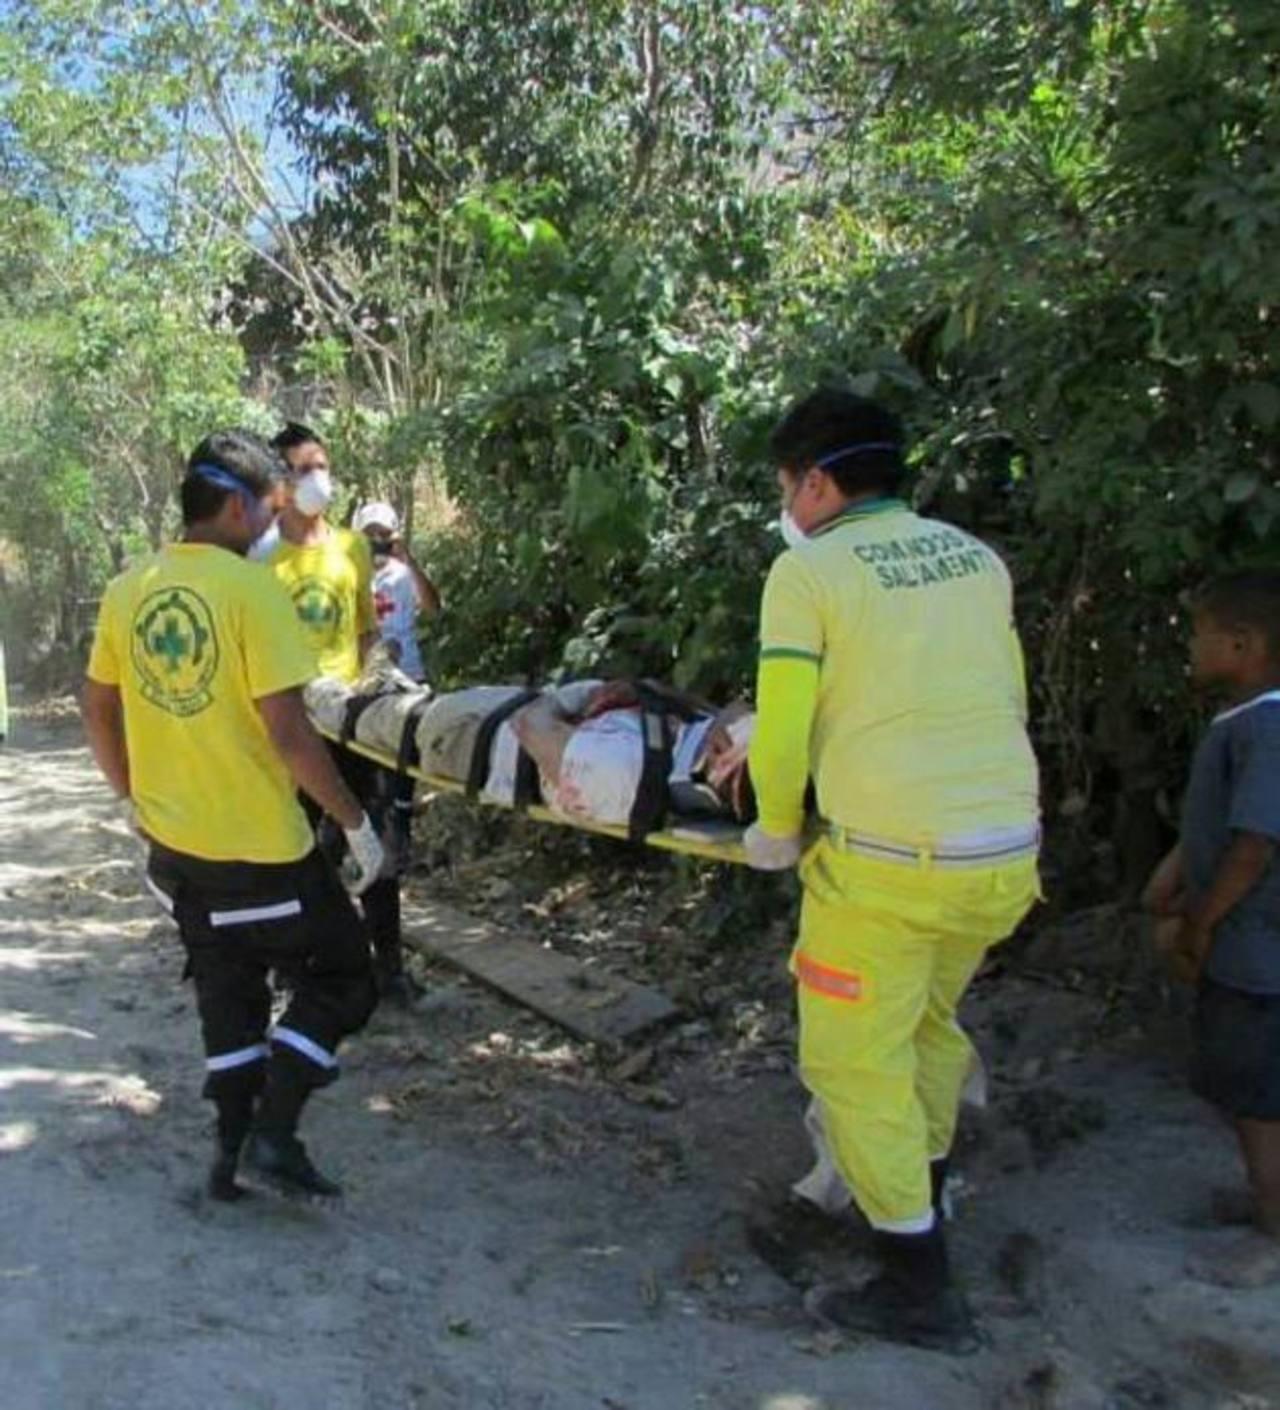 Los lesionados se encontraban estables al final de la tarde de ayer, informaron las autoridades. Foto / Cortesía